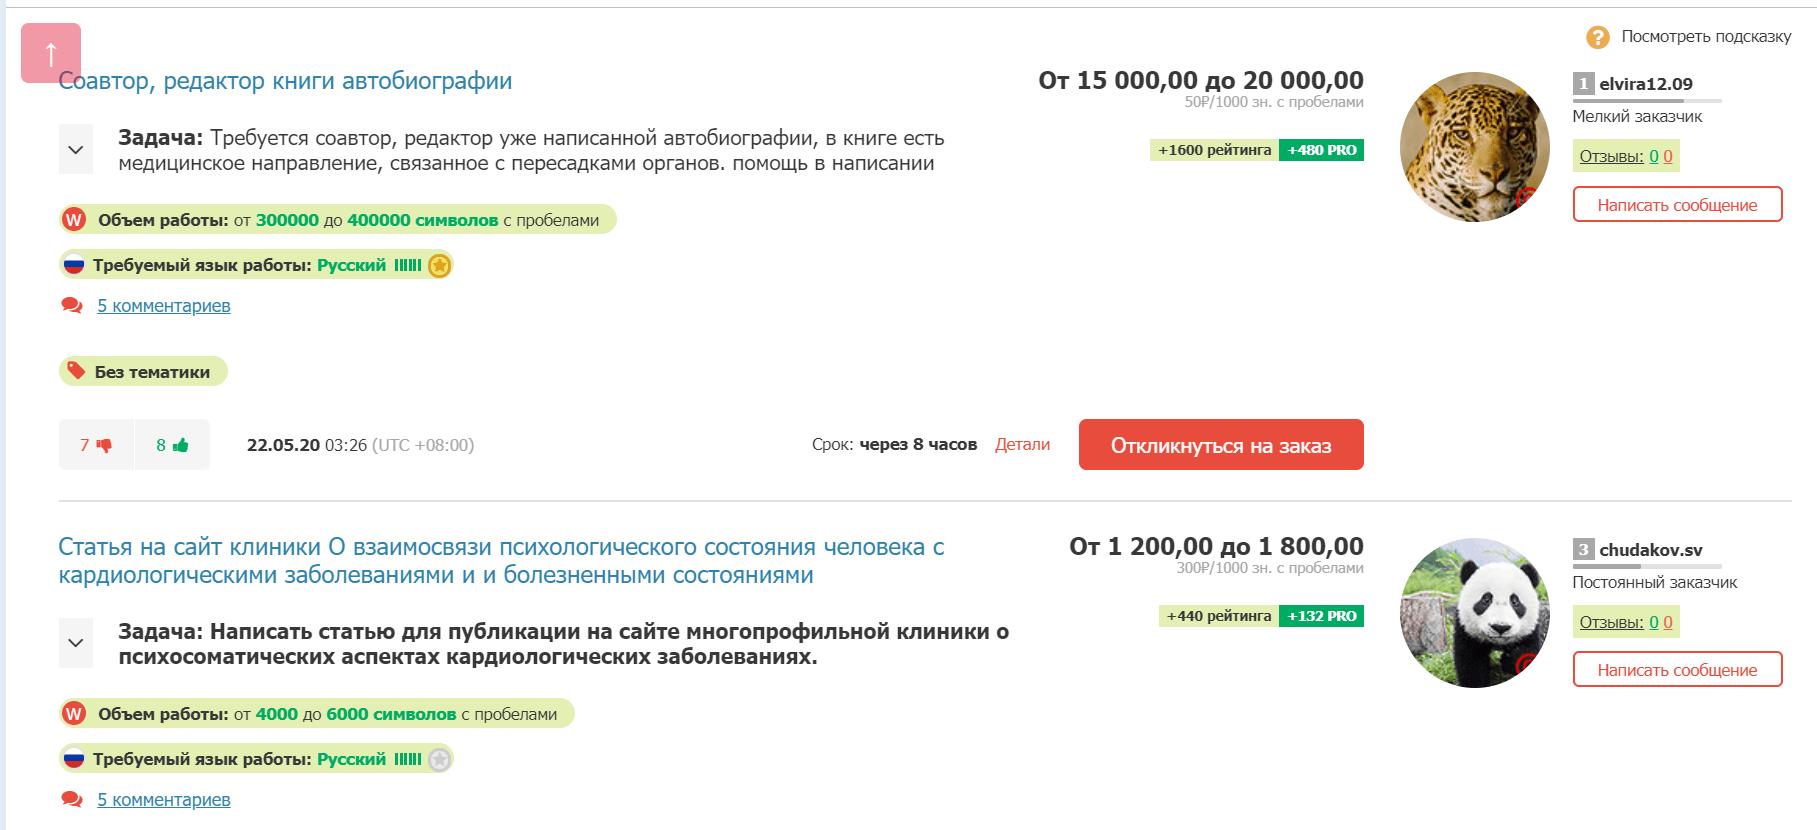 Заказы на Text.ru